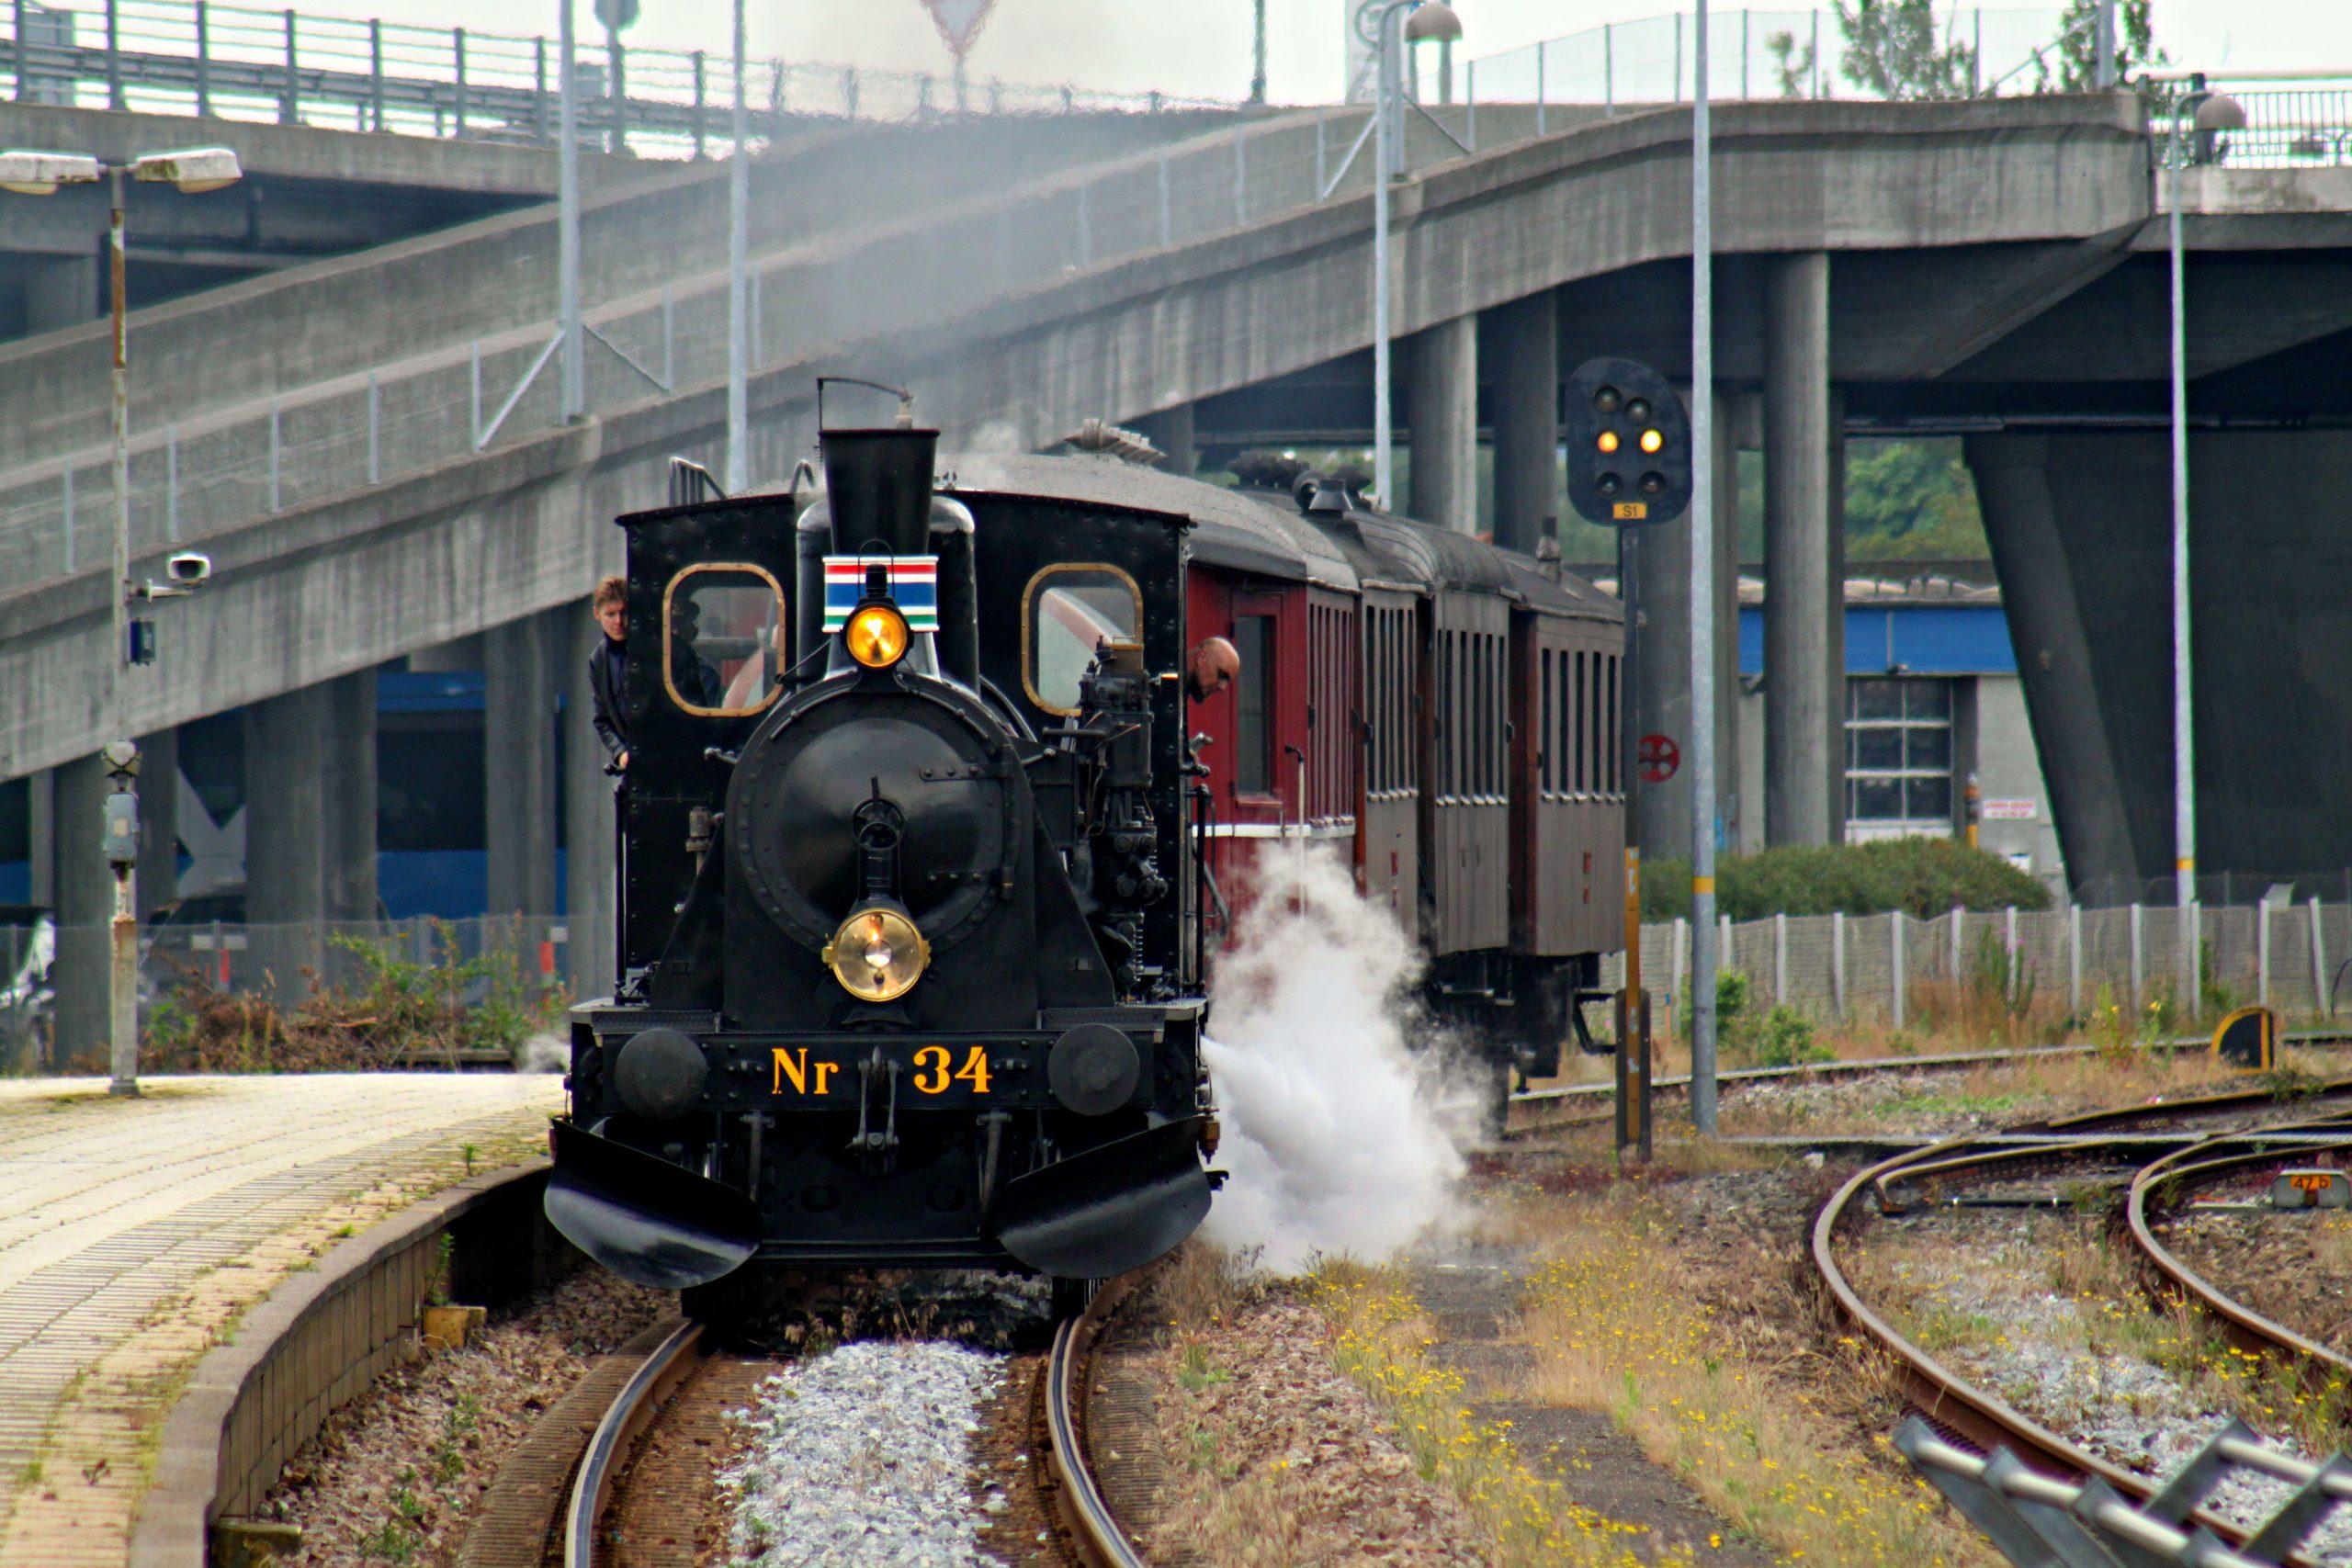 Oplev den nye strækning: Veterantog kører til Aalborg Lufthavn i sommerferien